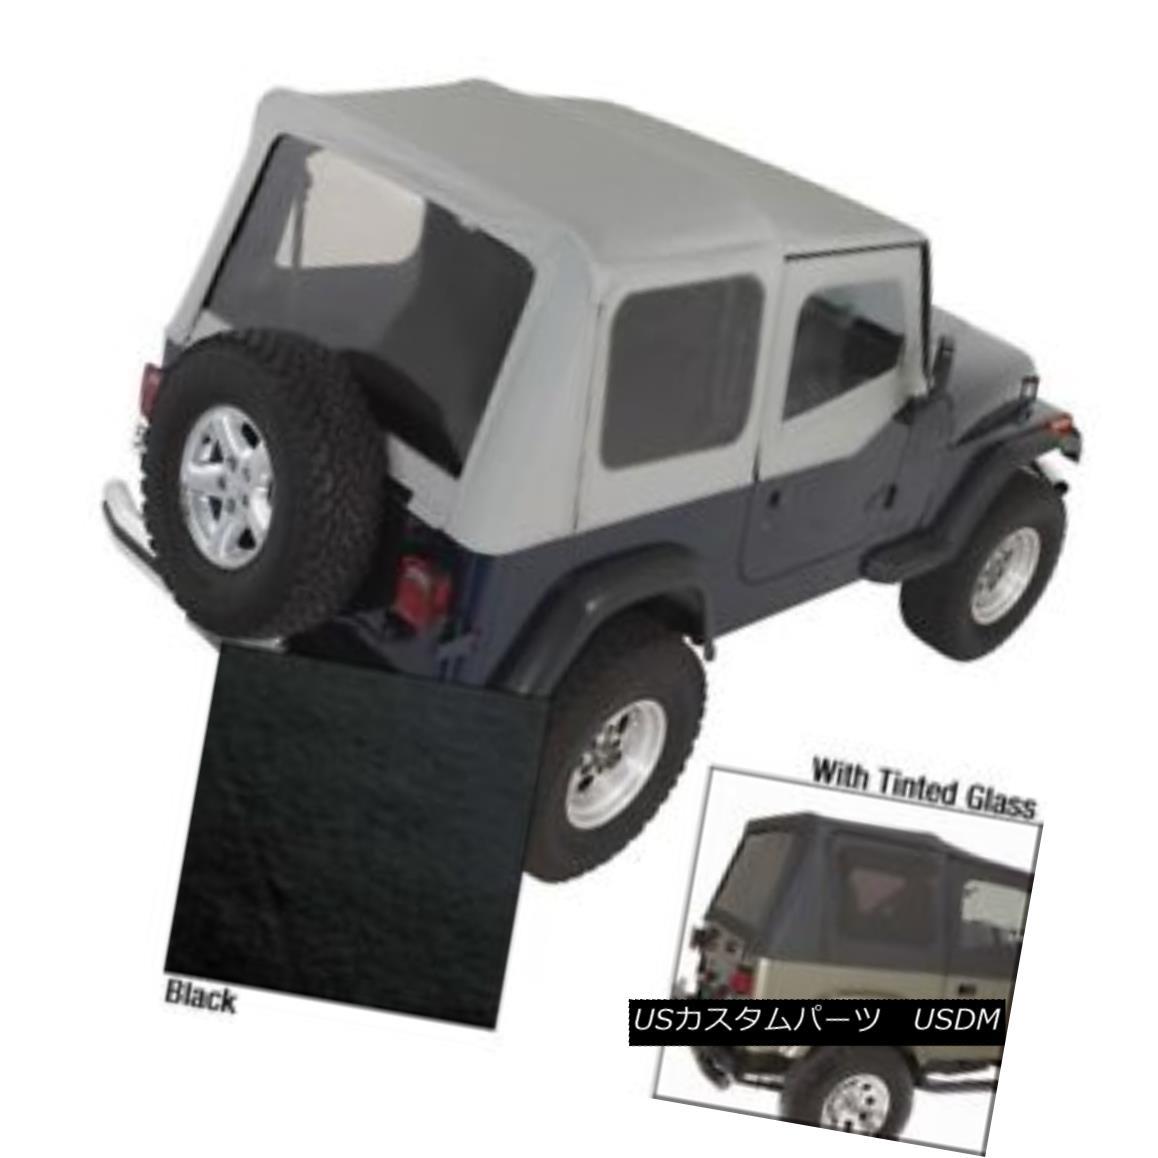 幌・ソフトトップ Soft Top With Door Skins Black Tinted Windows Jeep Wrangler YJ 88-95 13702.15 柔らかいトップドアスキンで黒色の色づけされた窓ジープラングラーYJ 88-95 13702.15